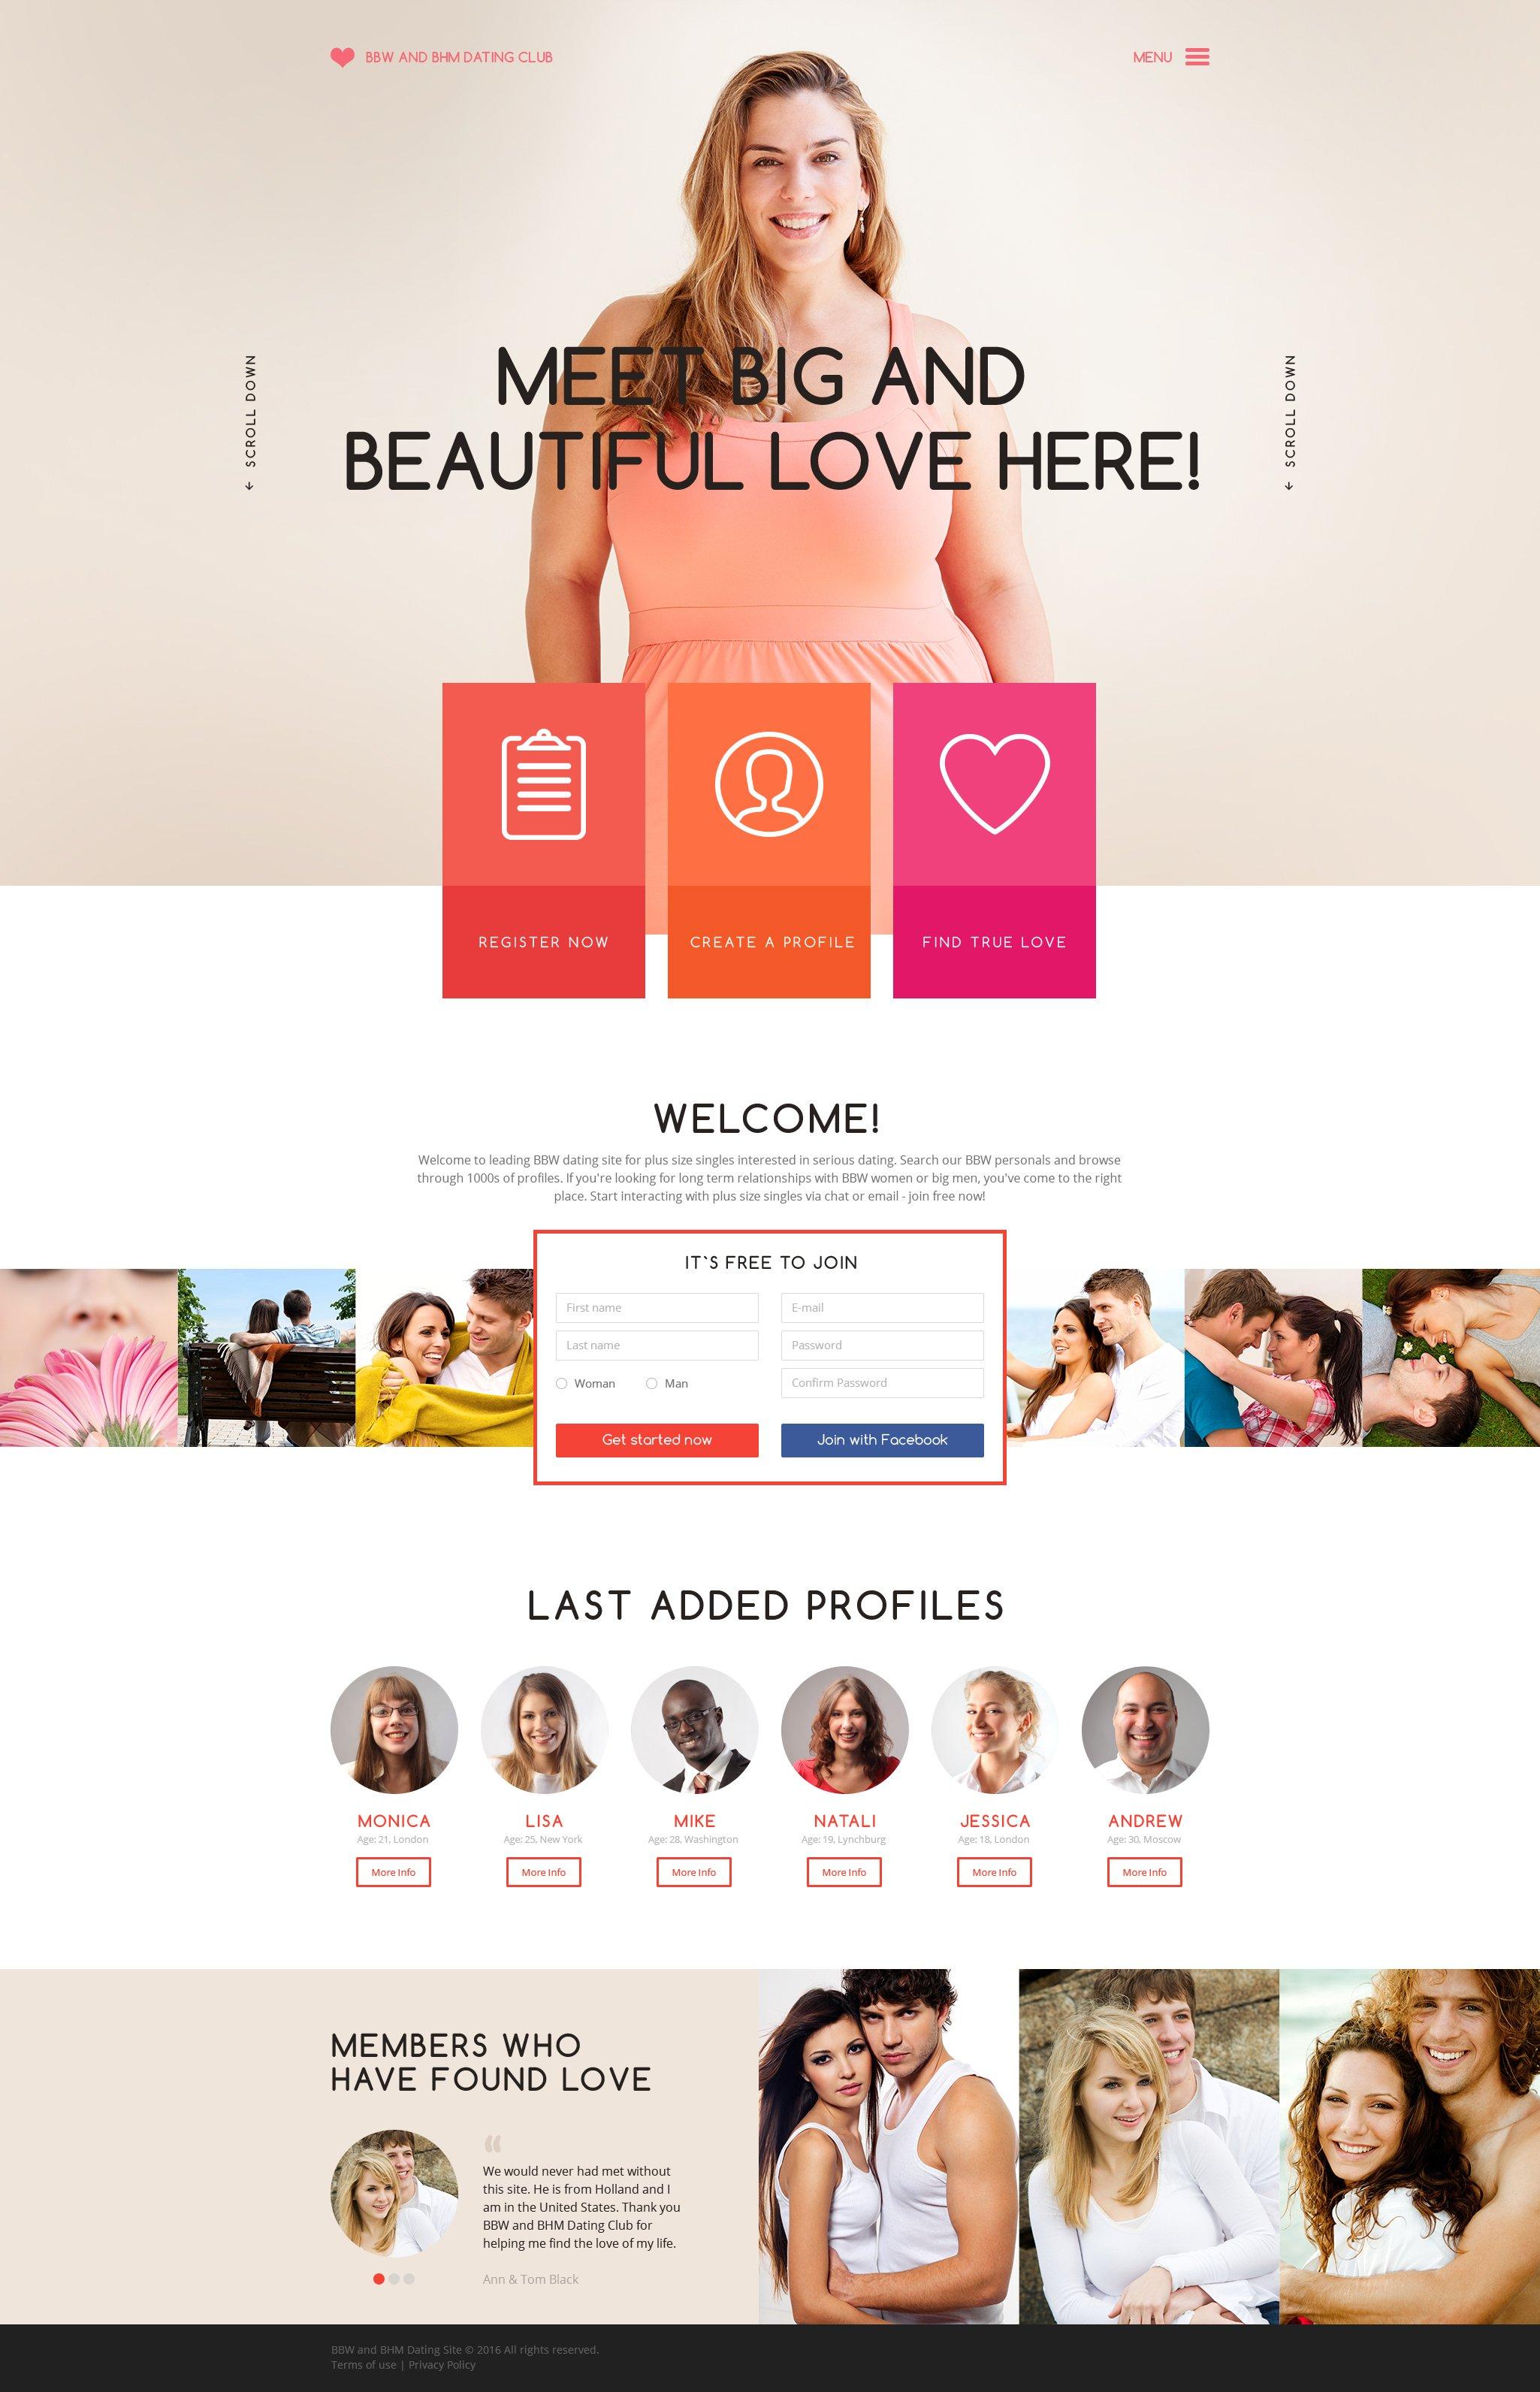 Modèle Web adaptatif pour site de rencontres #58784 - screenshot